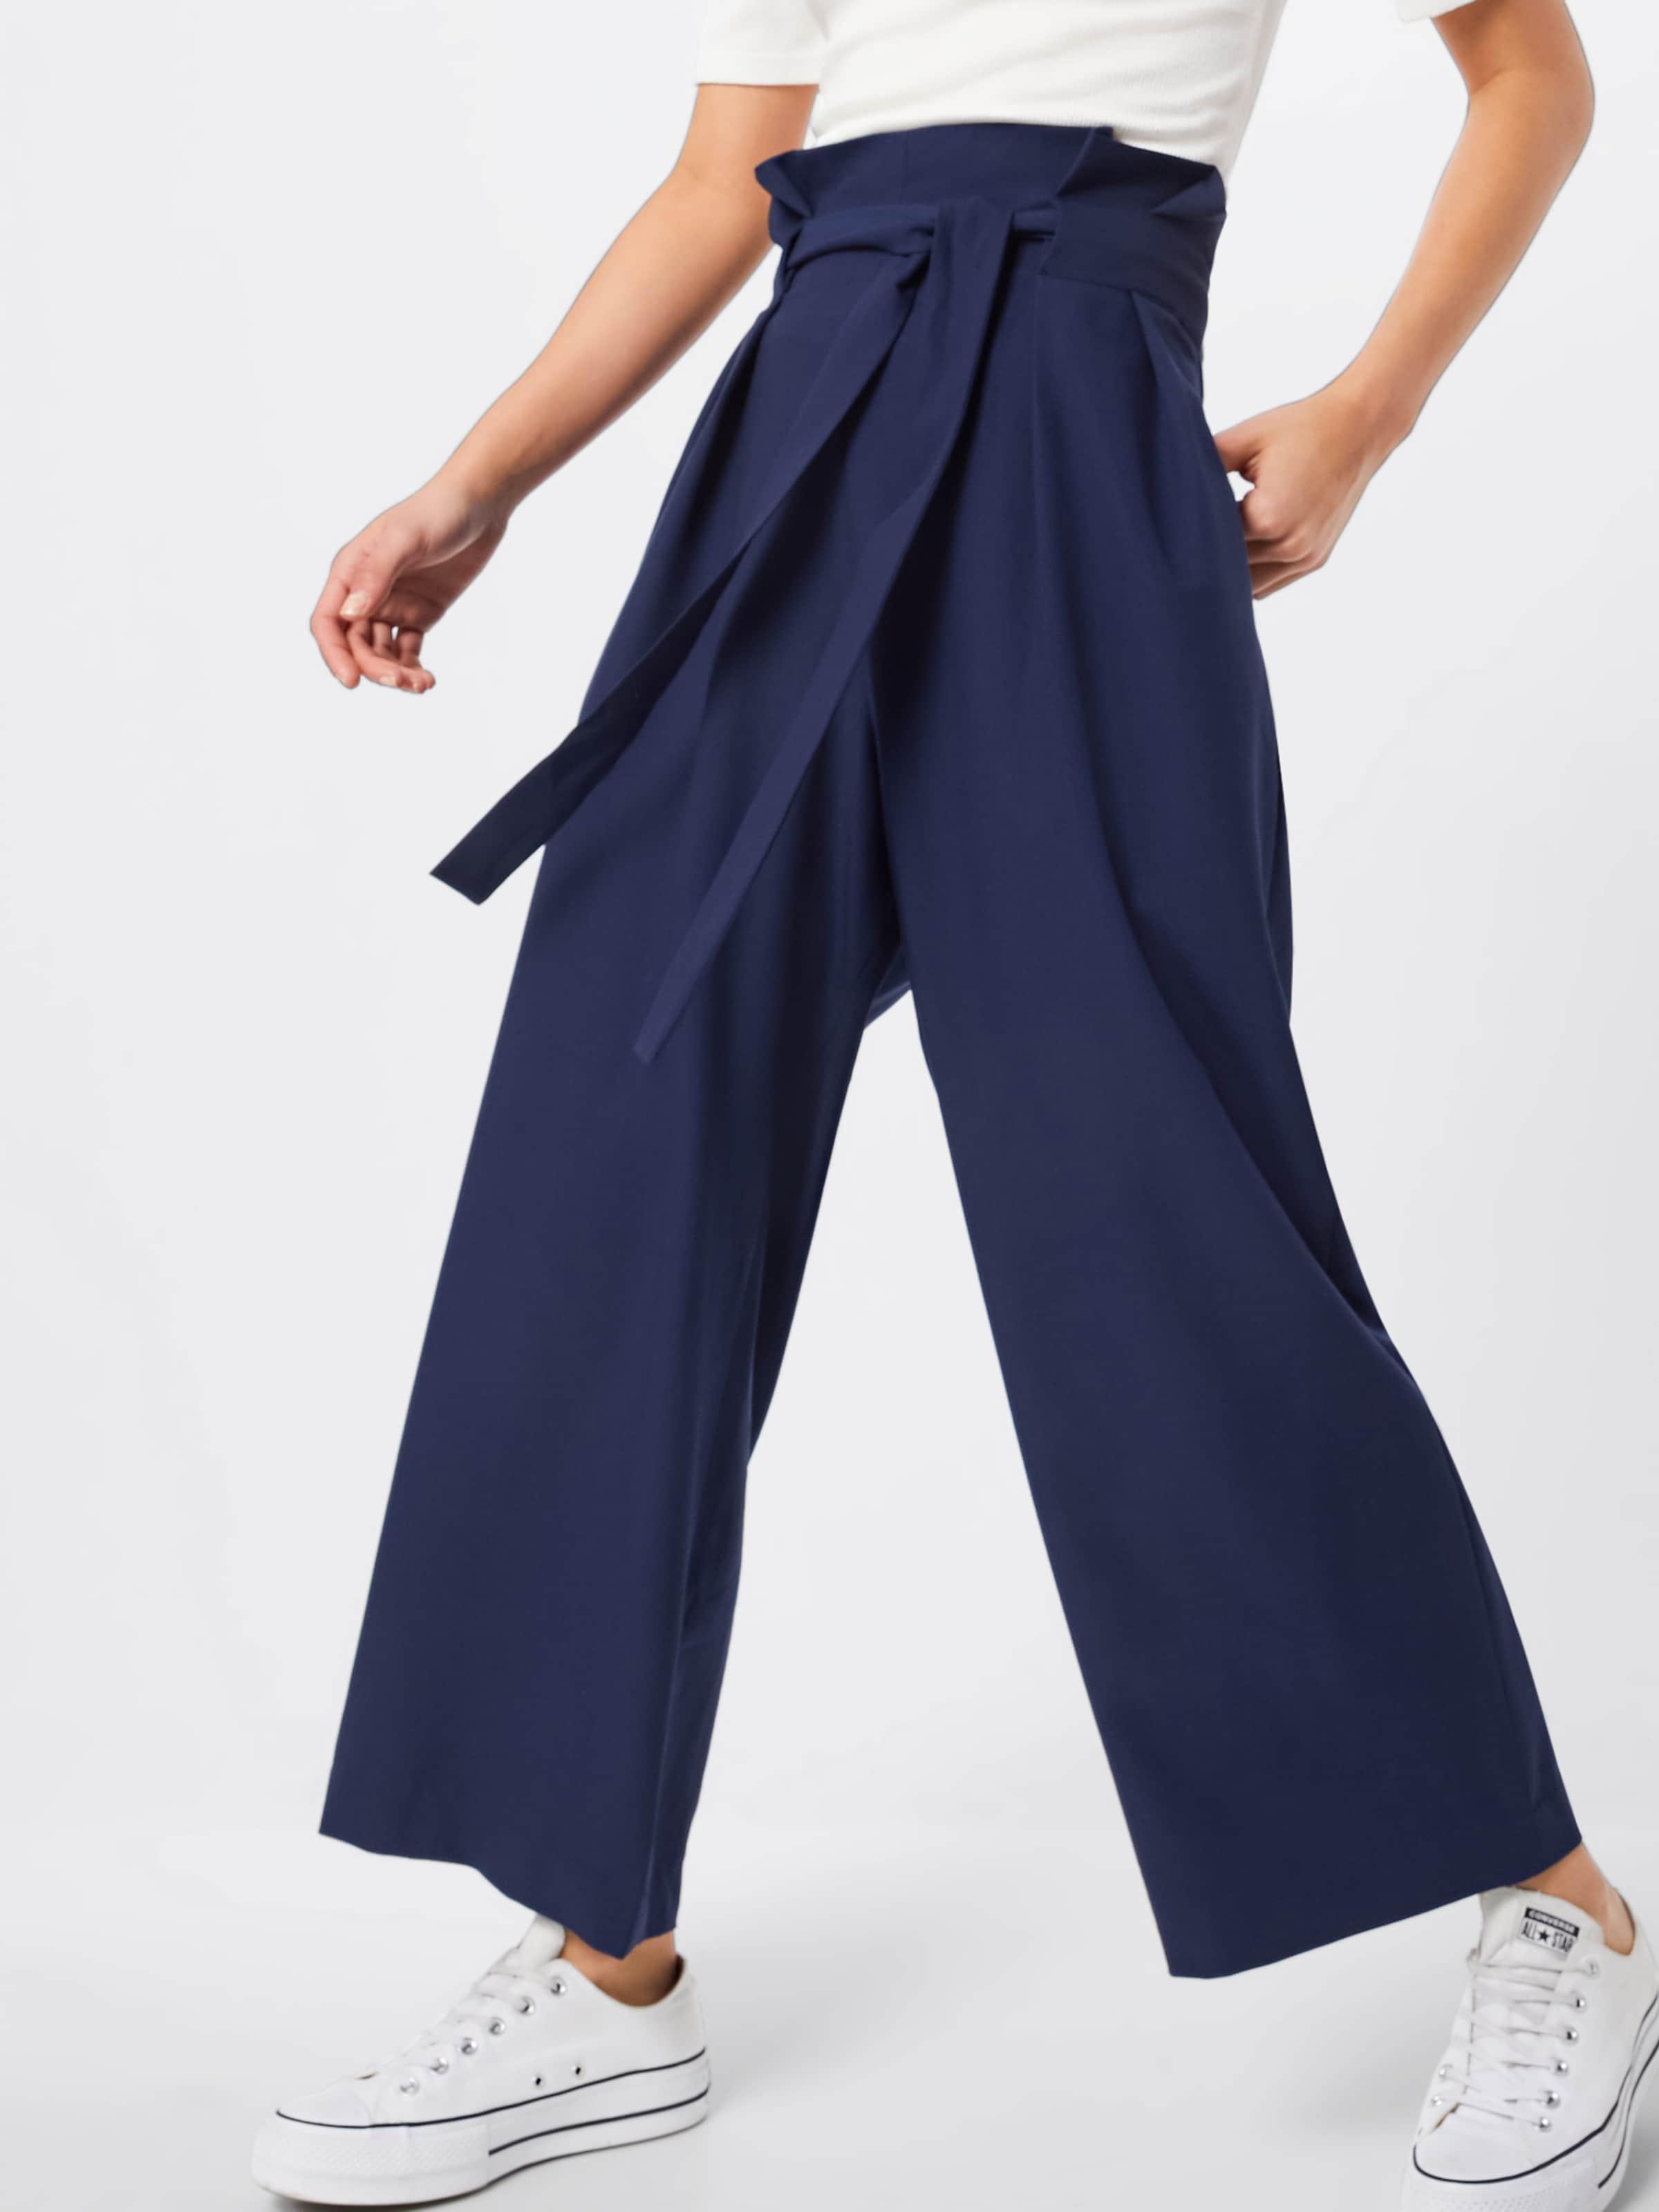 Nümph 'new En Nuit Pantalon Toyon' Bleu pGqSzMjUVL